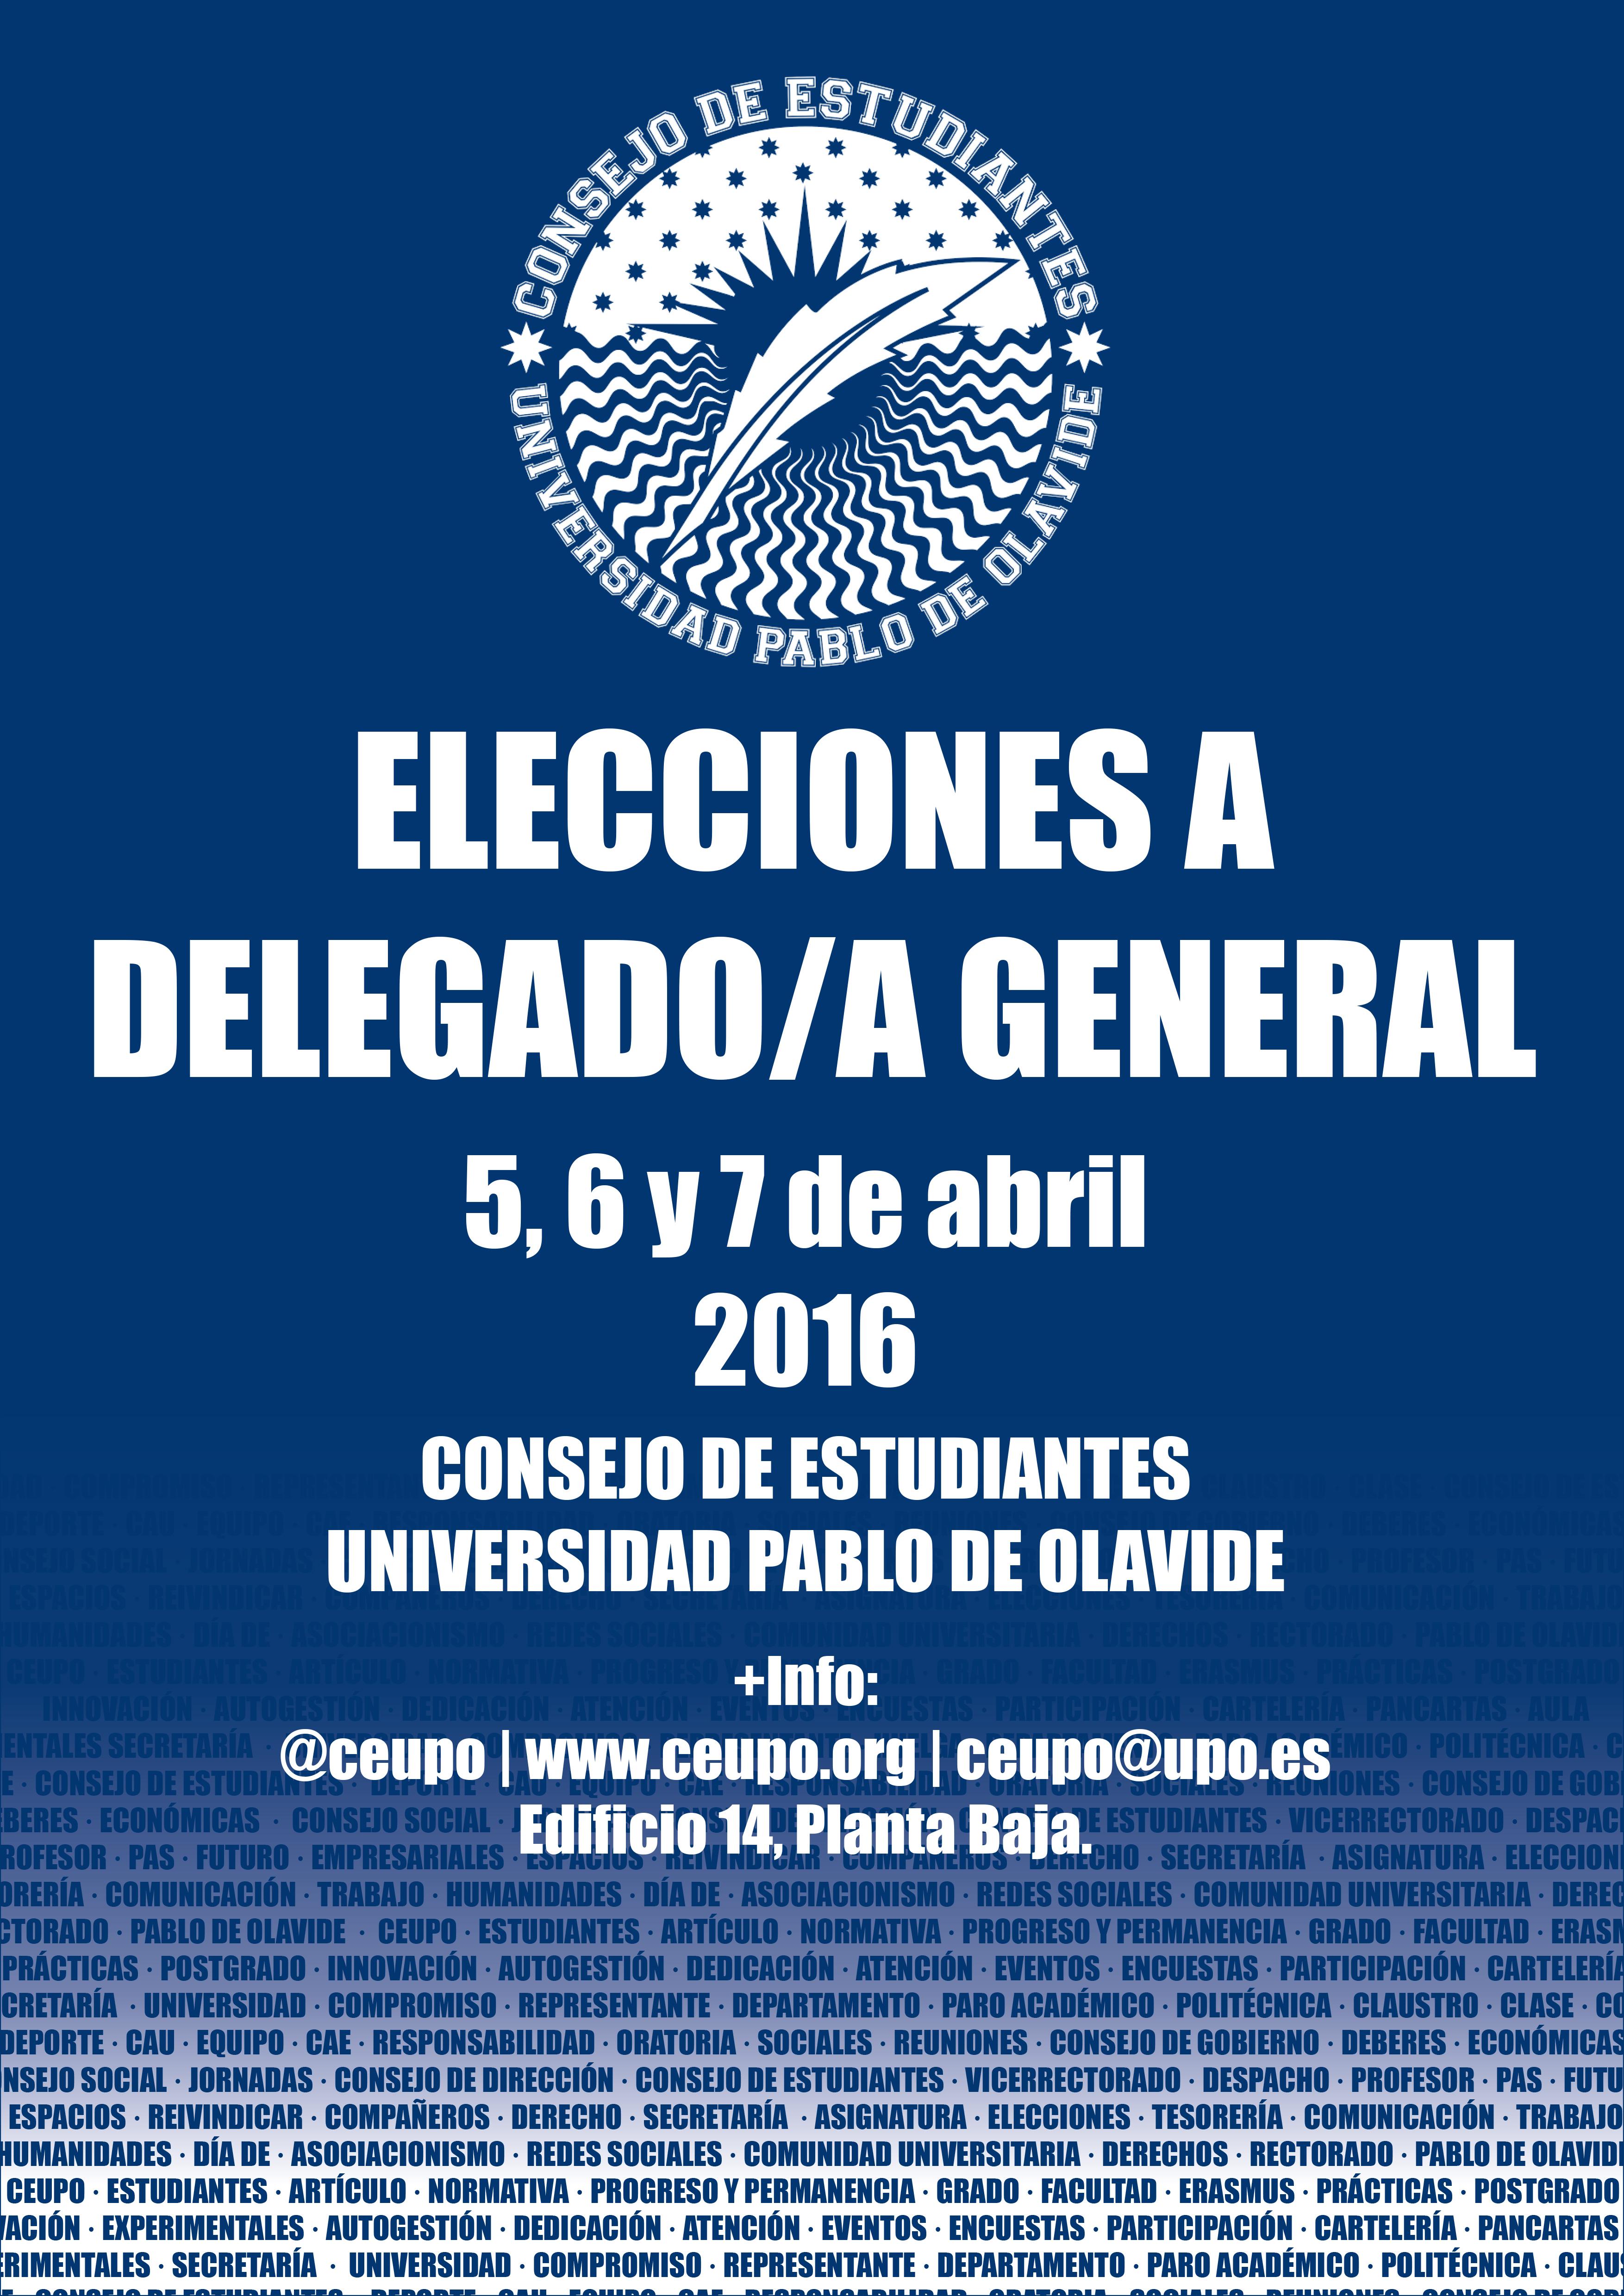 Elecciones a Delegado/a General del Consejo de Estudiantes